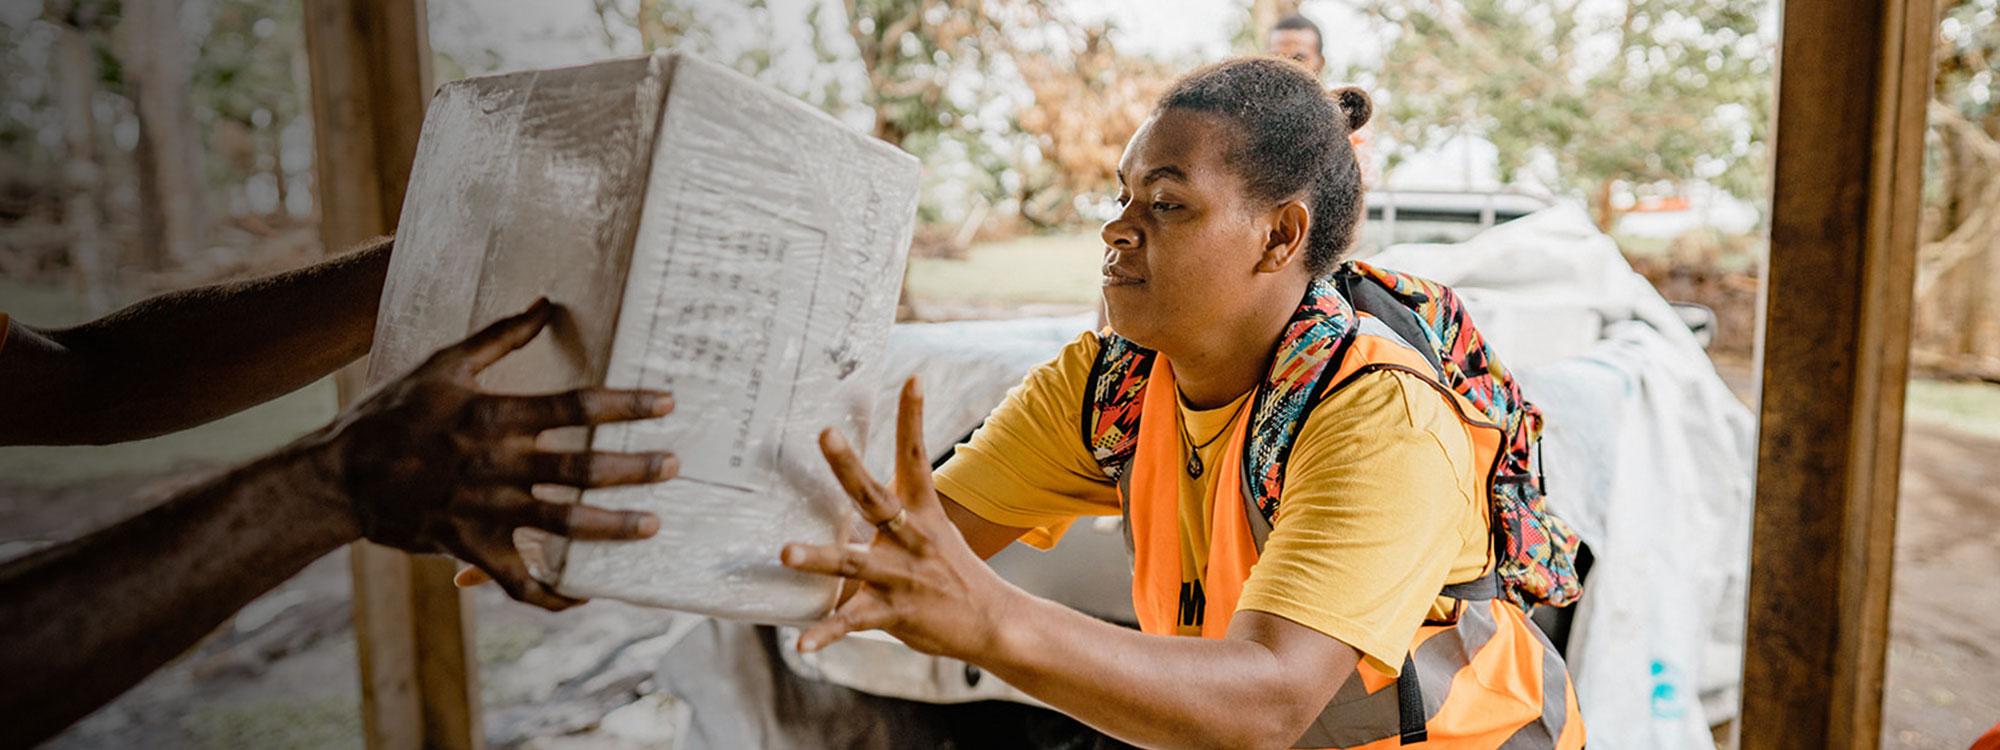 Woman passes aid box in Vanuatu